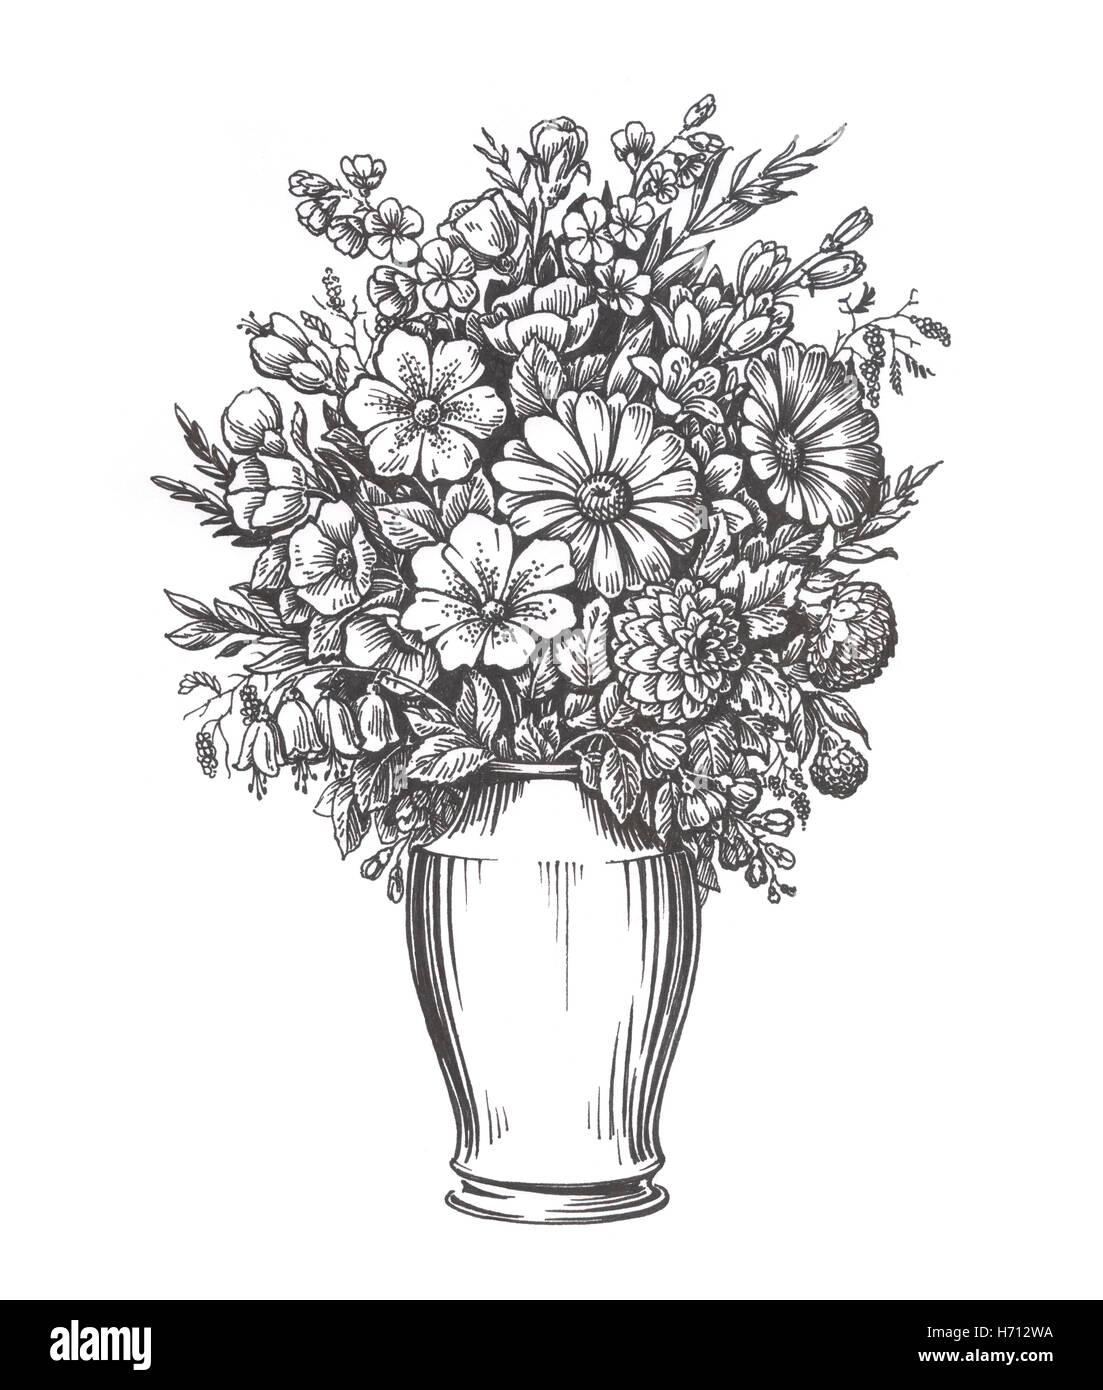 Vintage Vase mit Blumen. Handgezeichnete Skizze Abbildung Stockbild